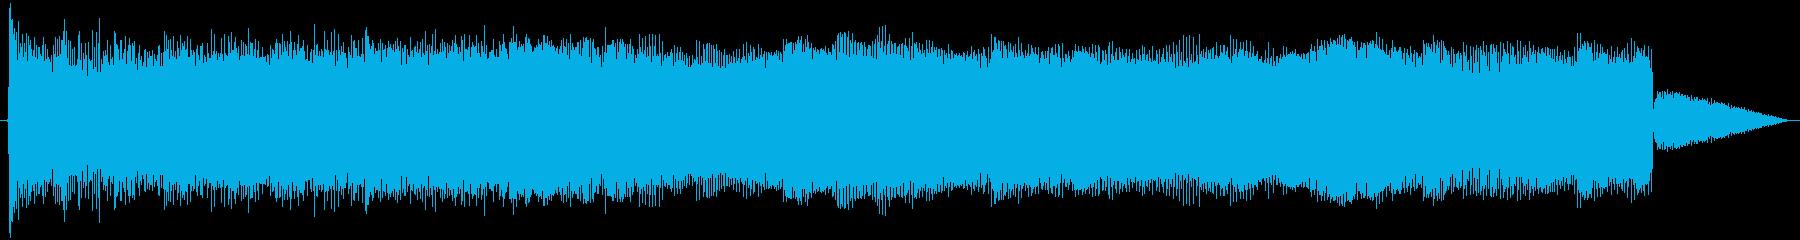 アタックによるトーン変調クイックア...の再生済みの波形